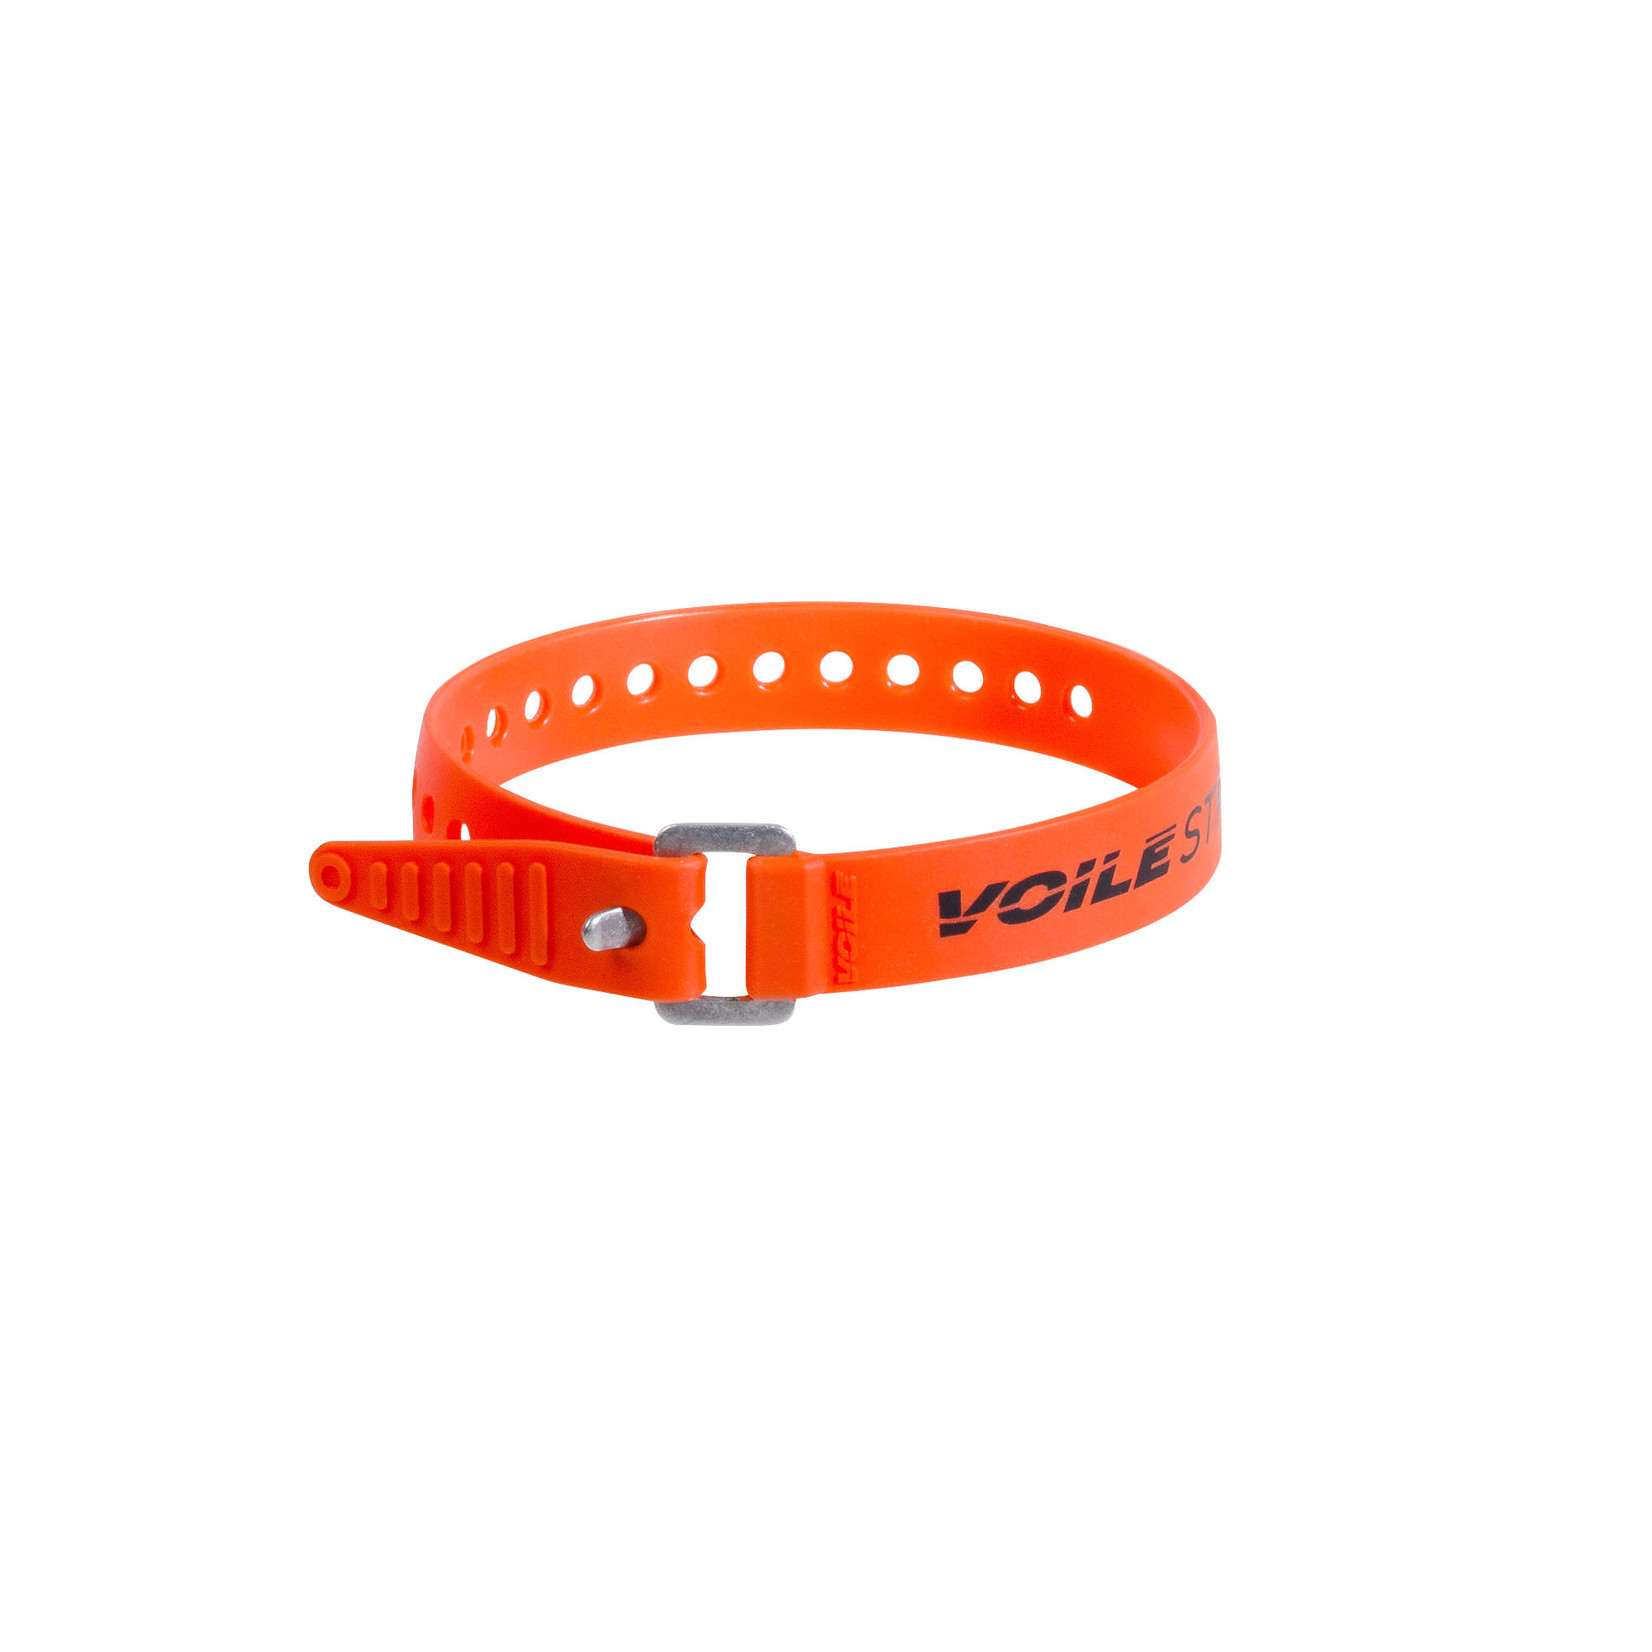 """Voile Voile Straps® Aluminum Buckle — 15"""" Orange"""